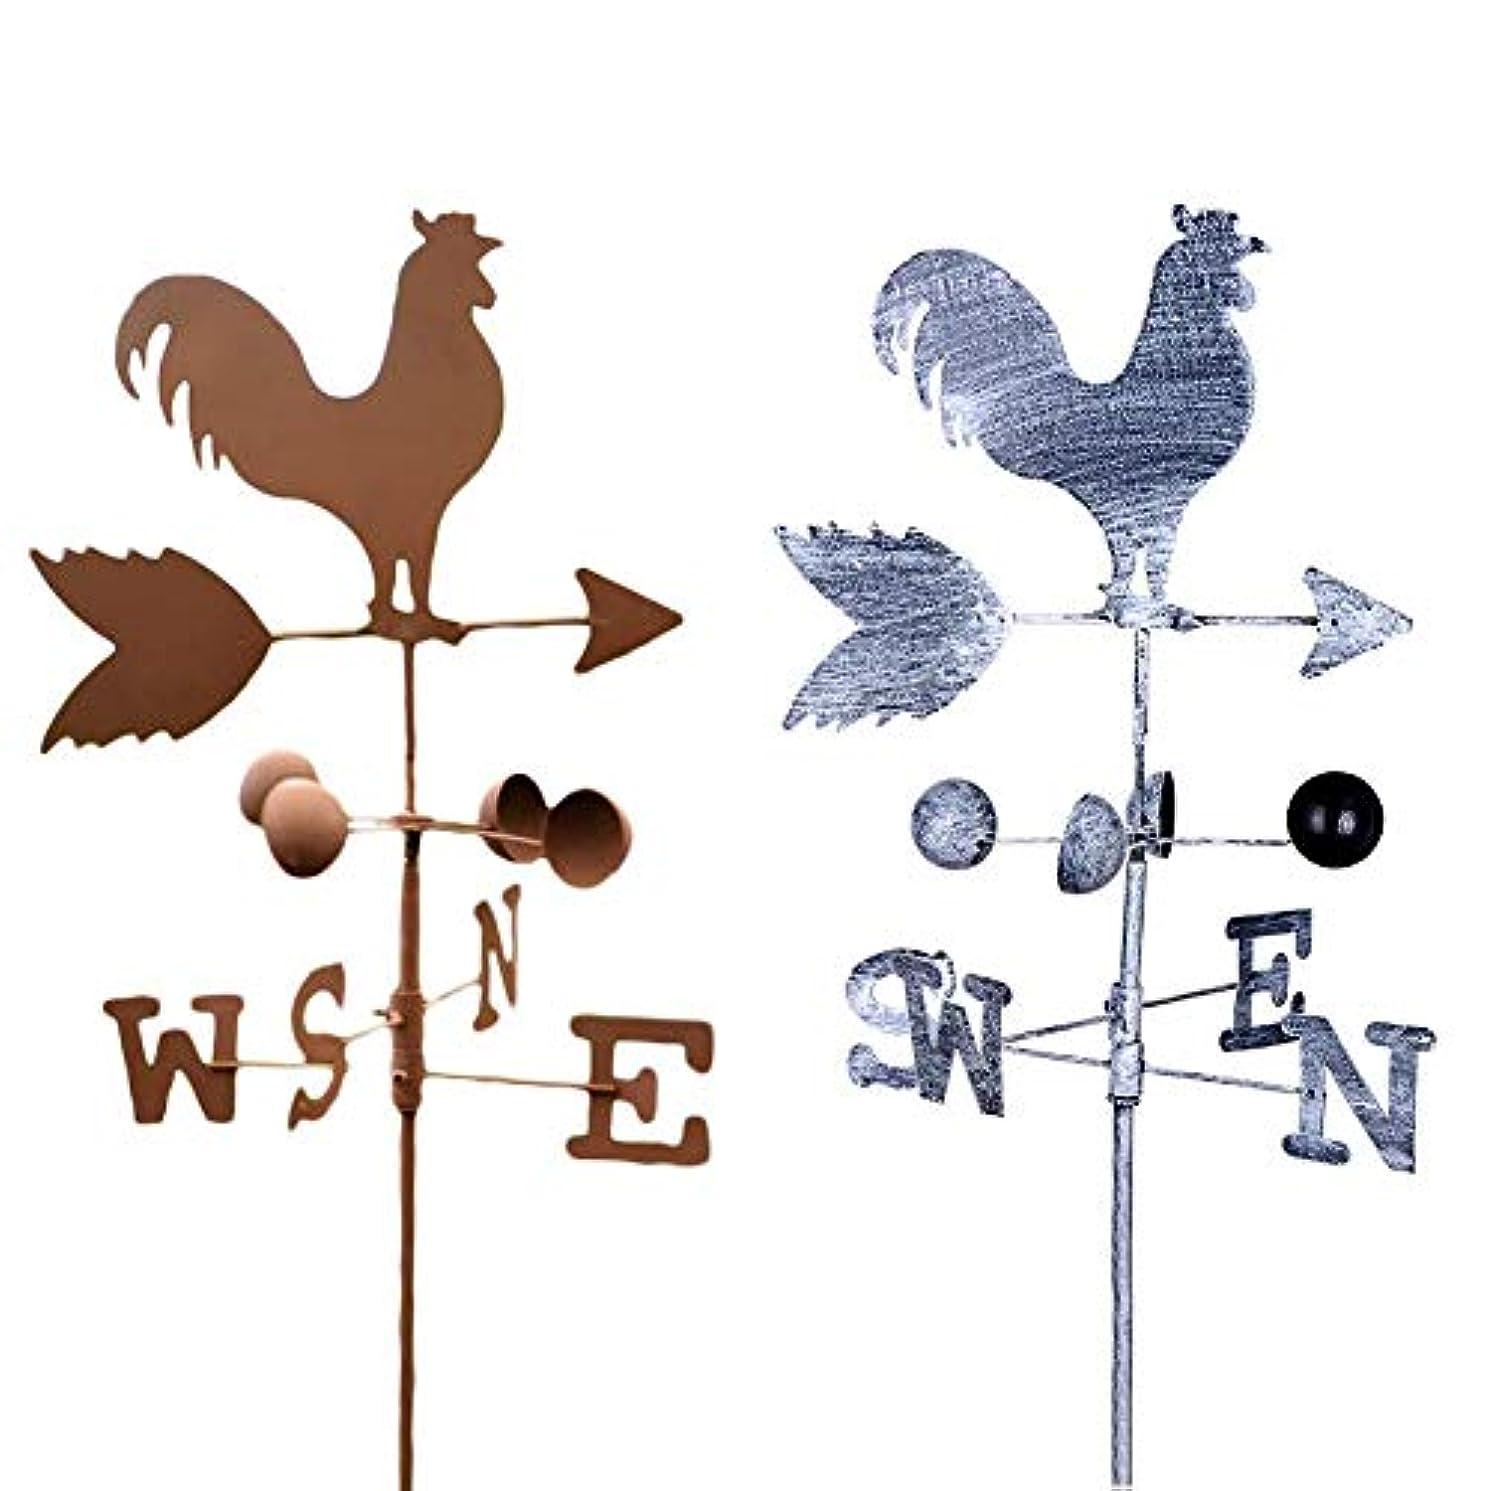 記録懐教科書レトロスタイル、ゴールデンチキン形状、風見鶏、金属鉄、風速微調整、方向表示器、庭の装飾品、装飾、パティオ、120 cm